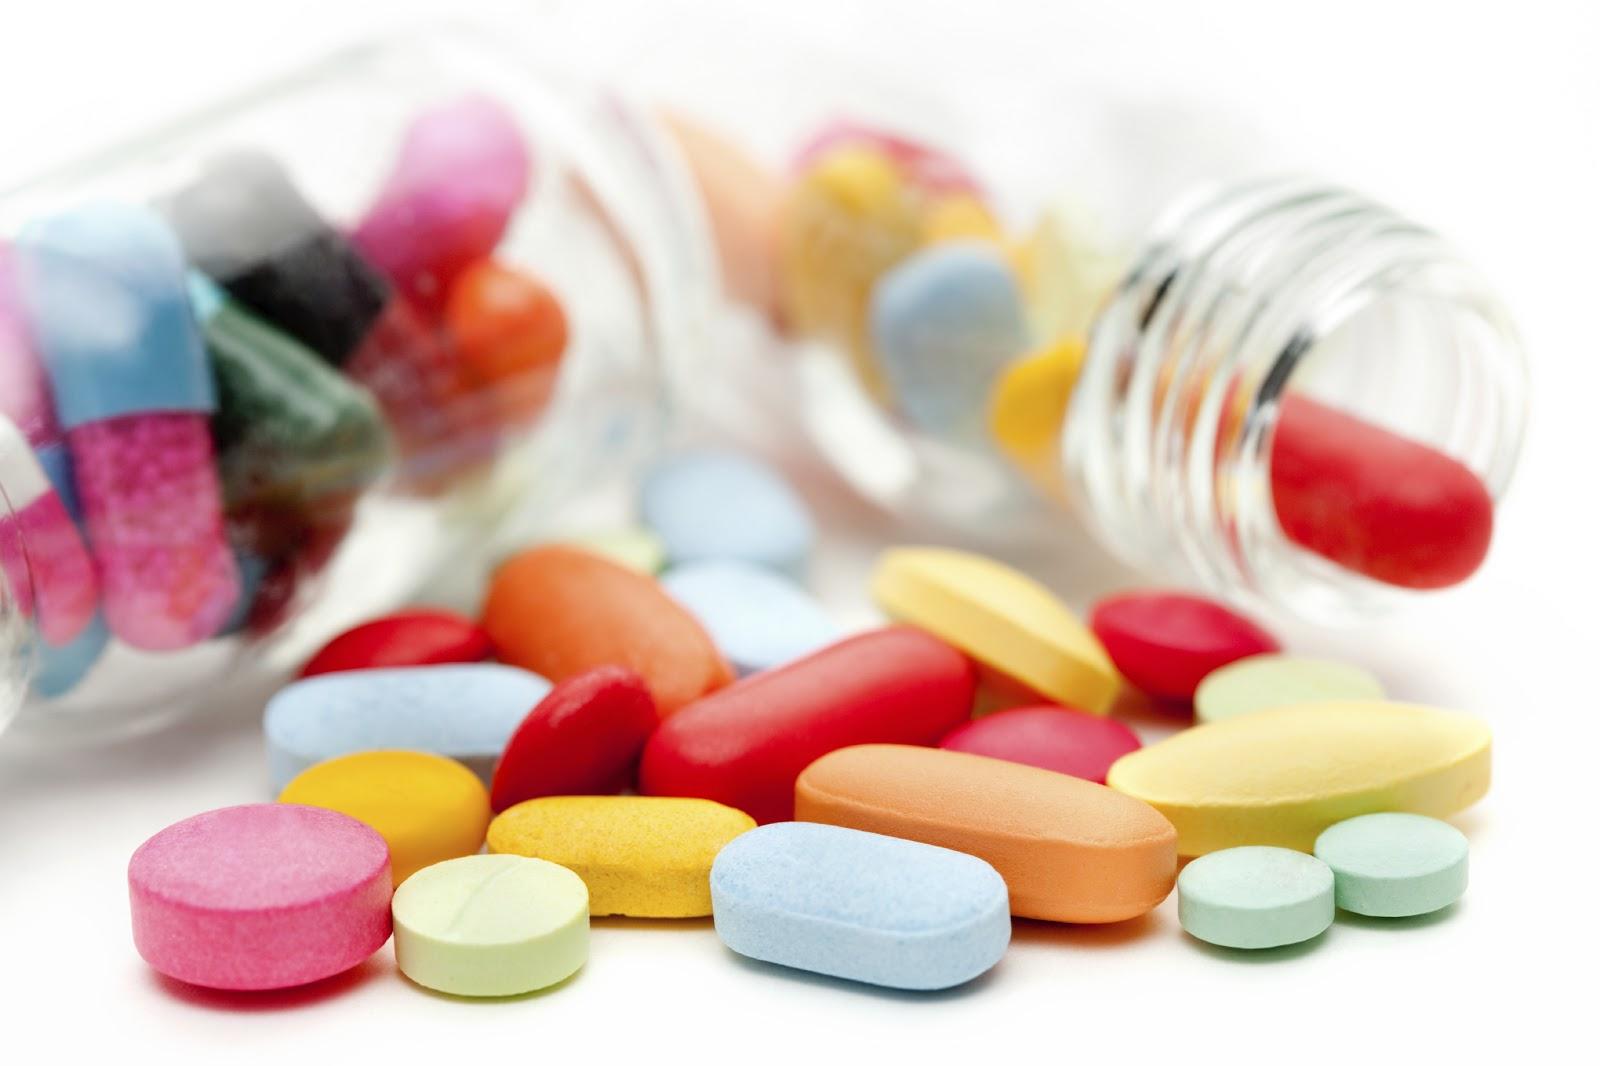 داروهای موردنیاز در داخل کشور تولید میشود